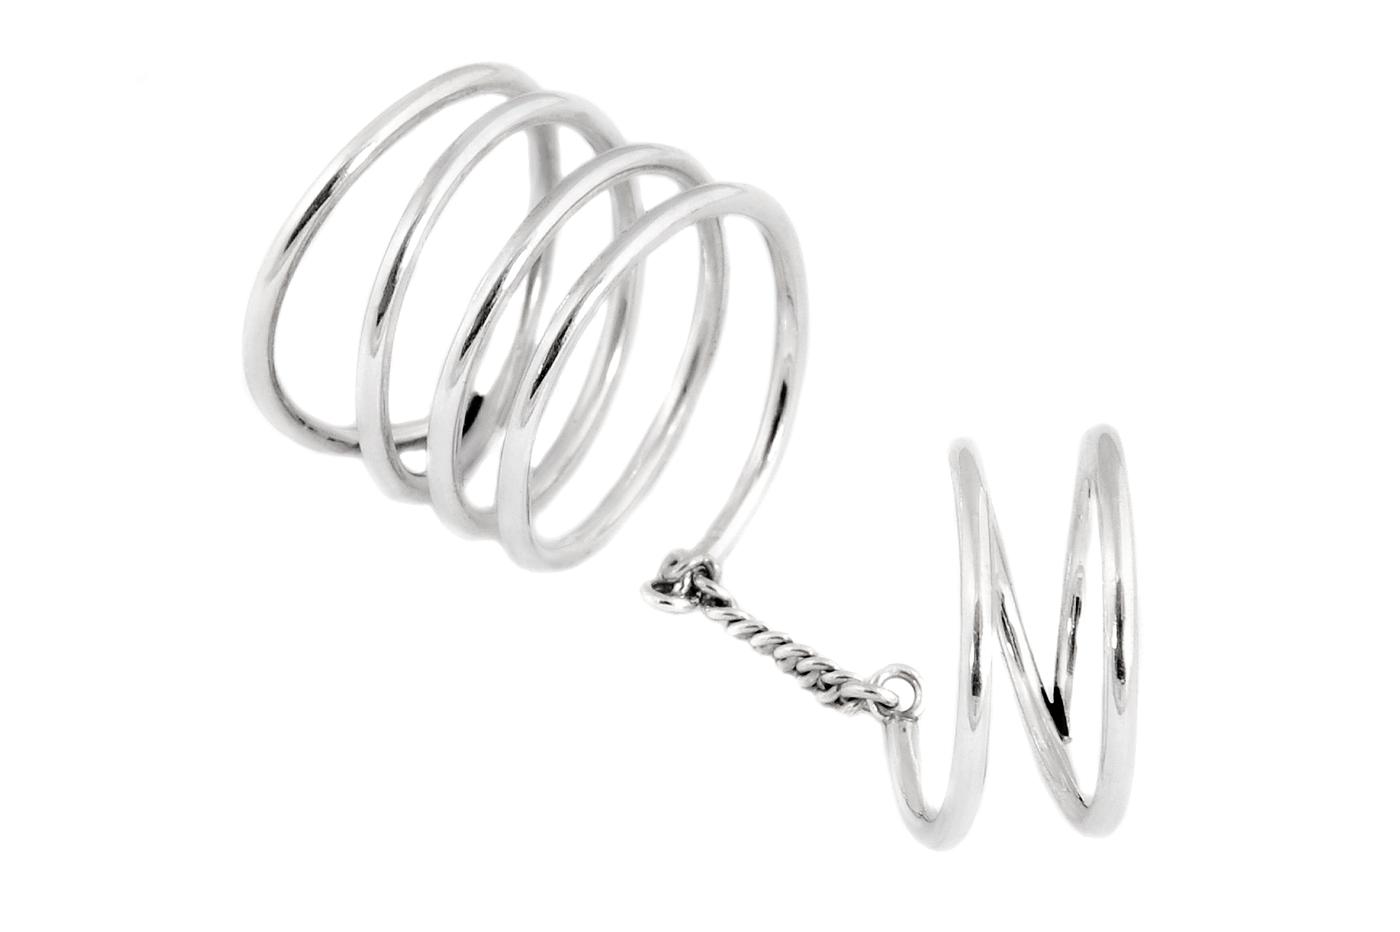 Adeline Cacheux Jewelry Design Bague Double Phalange Argent